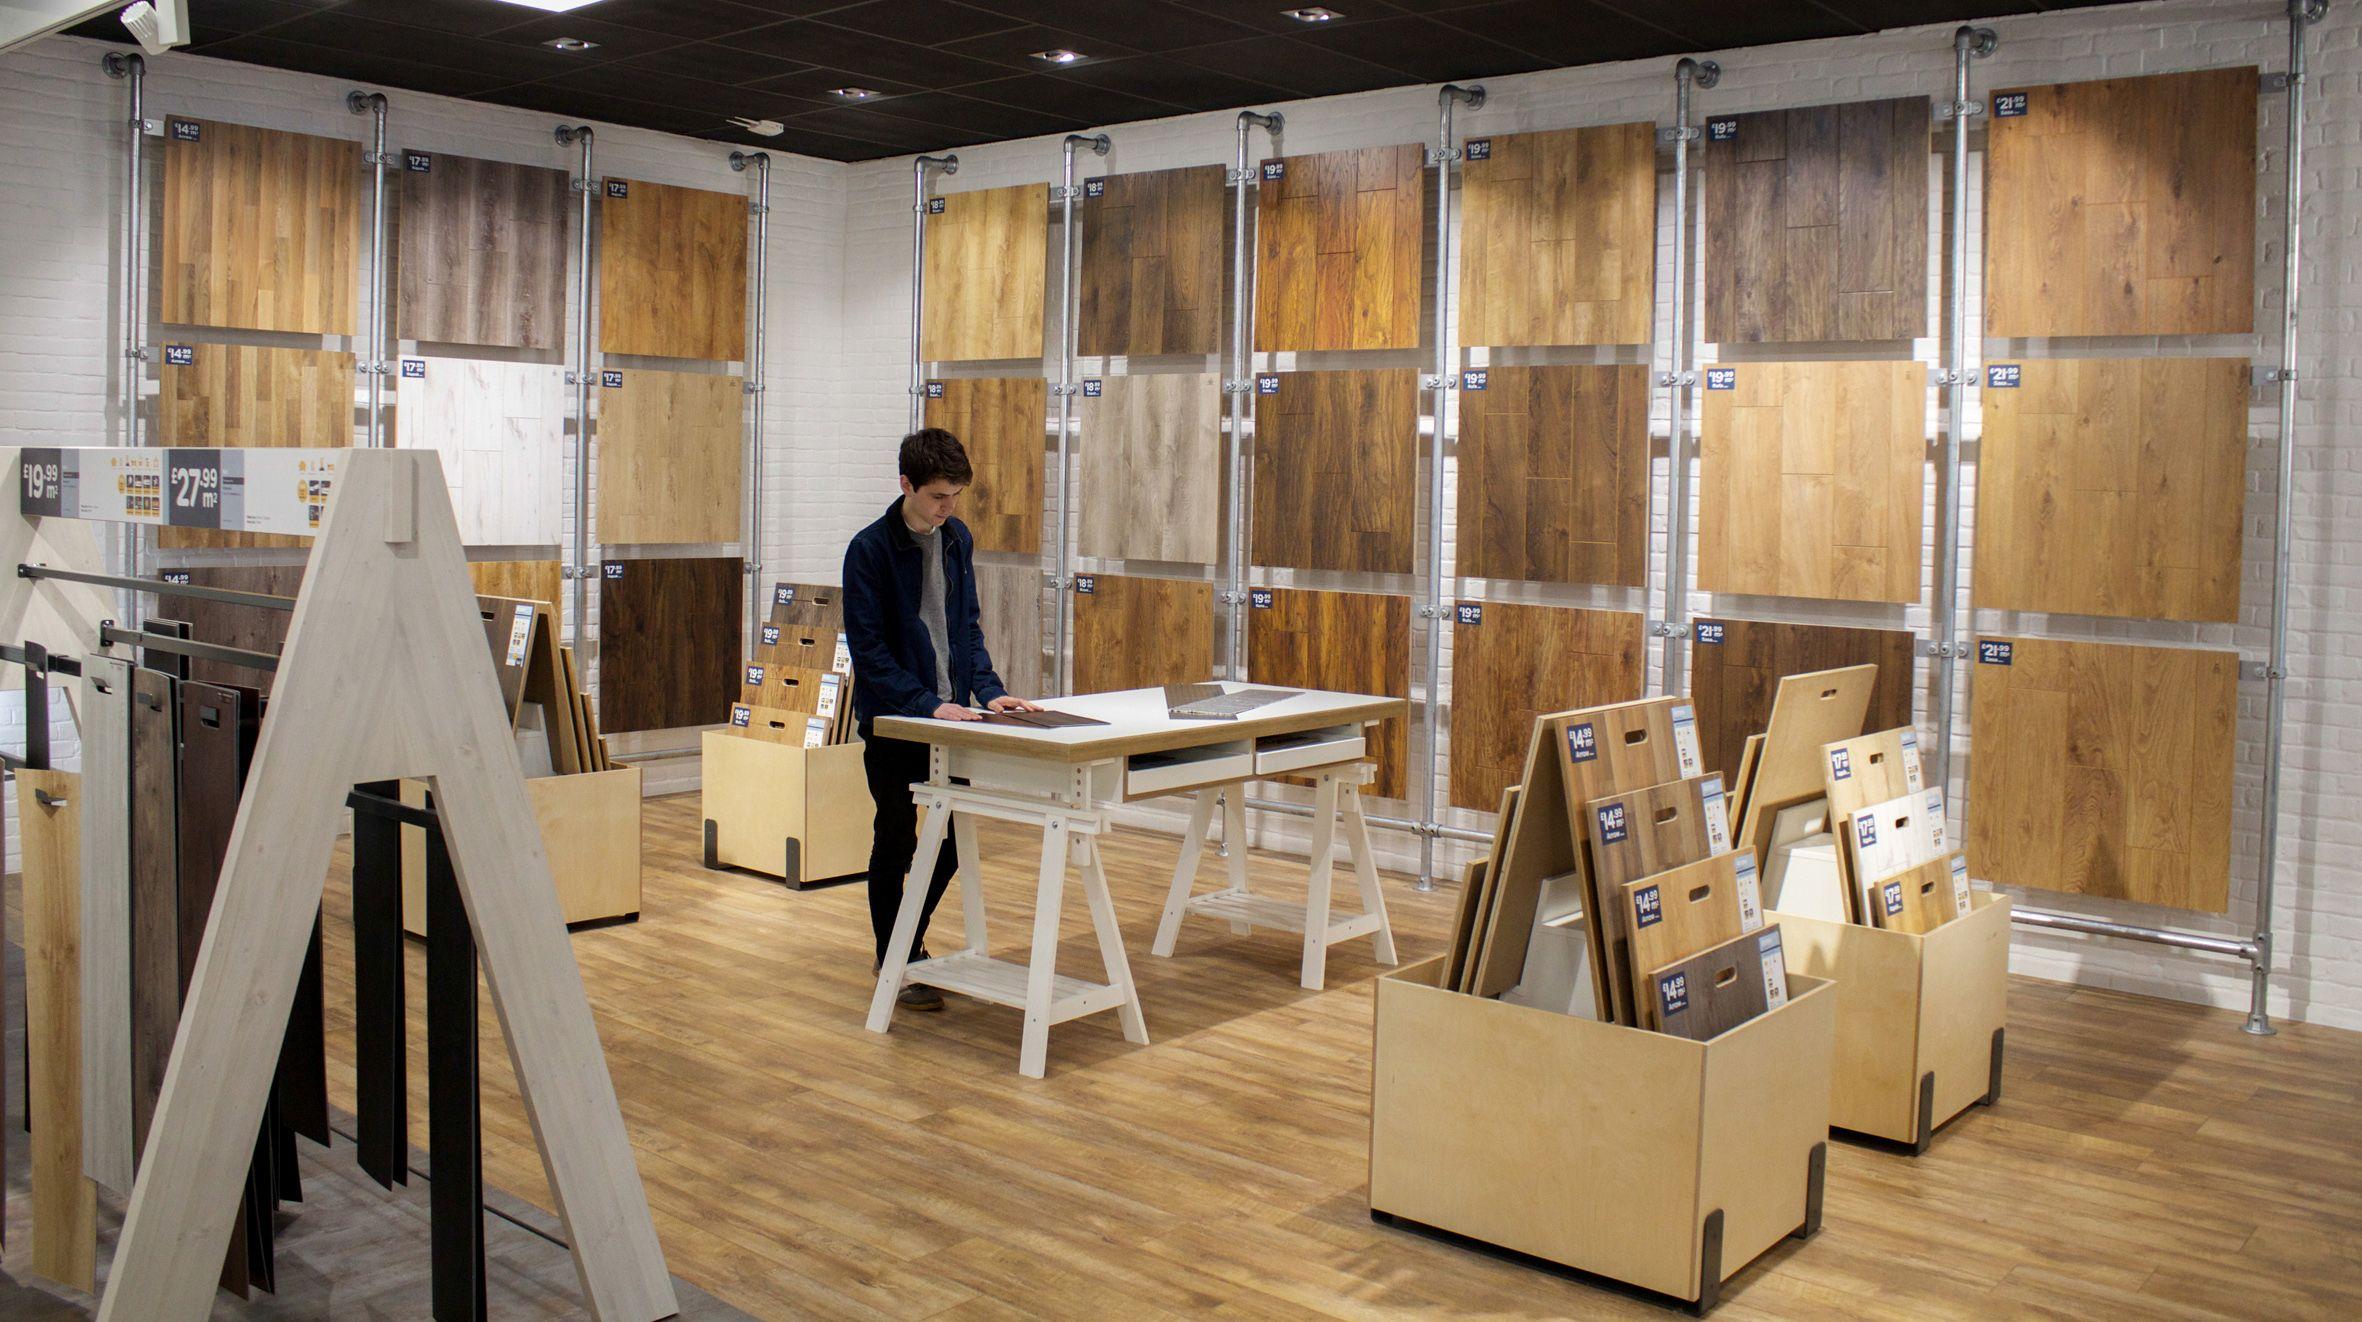 Tapi Carpets and Floors Laminate Display designs